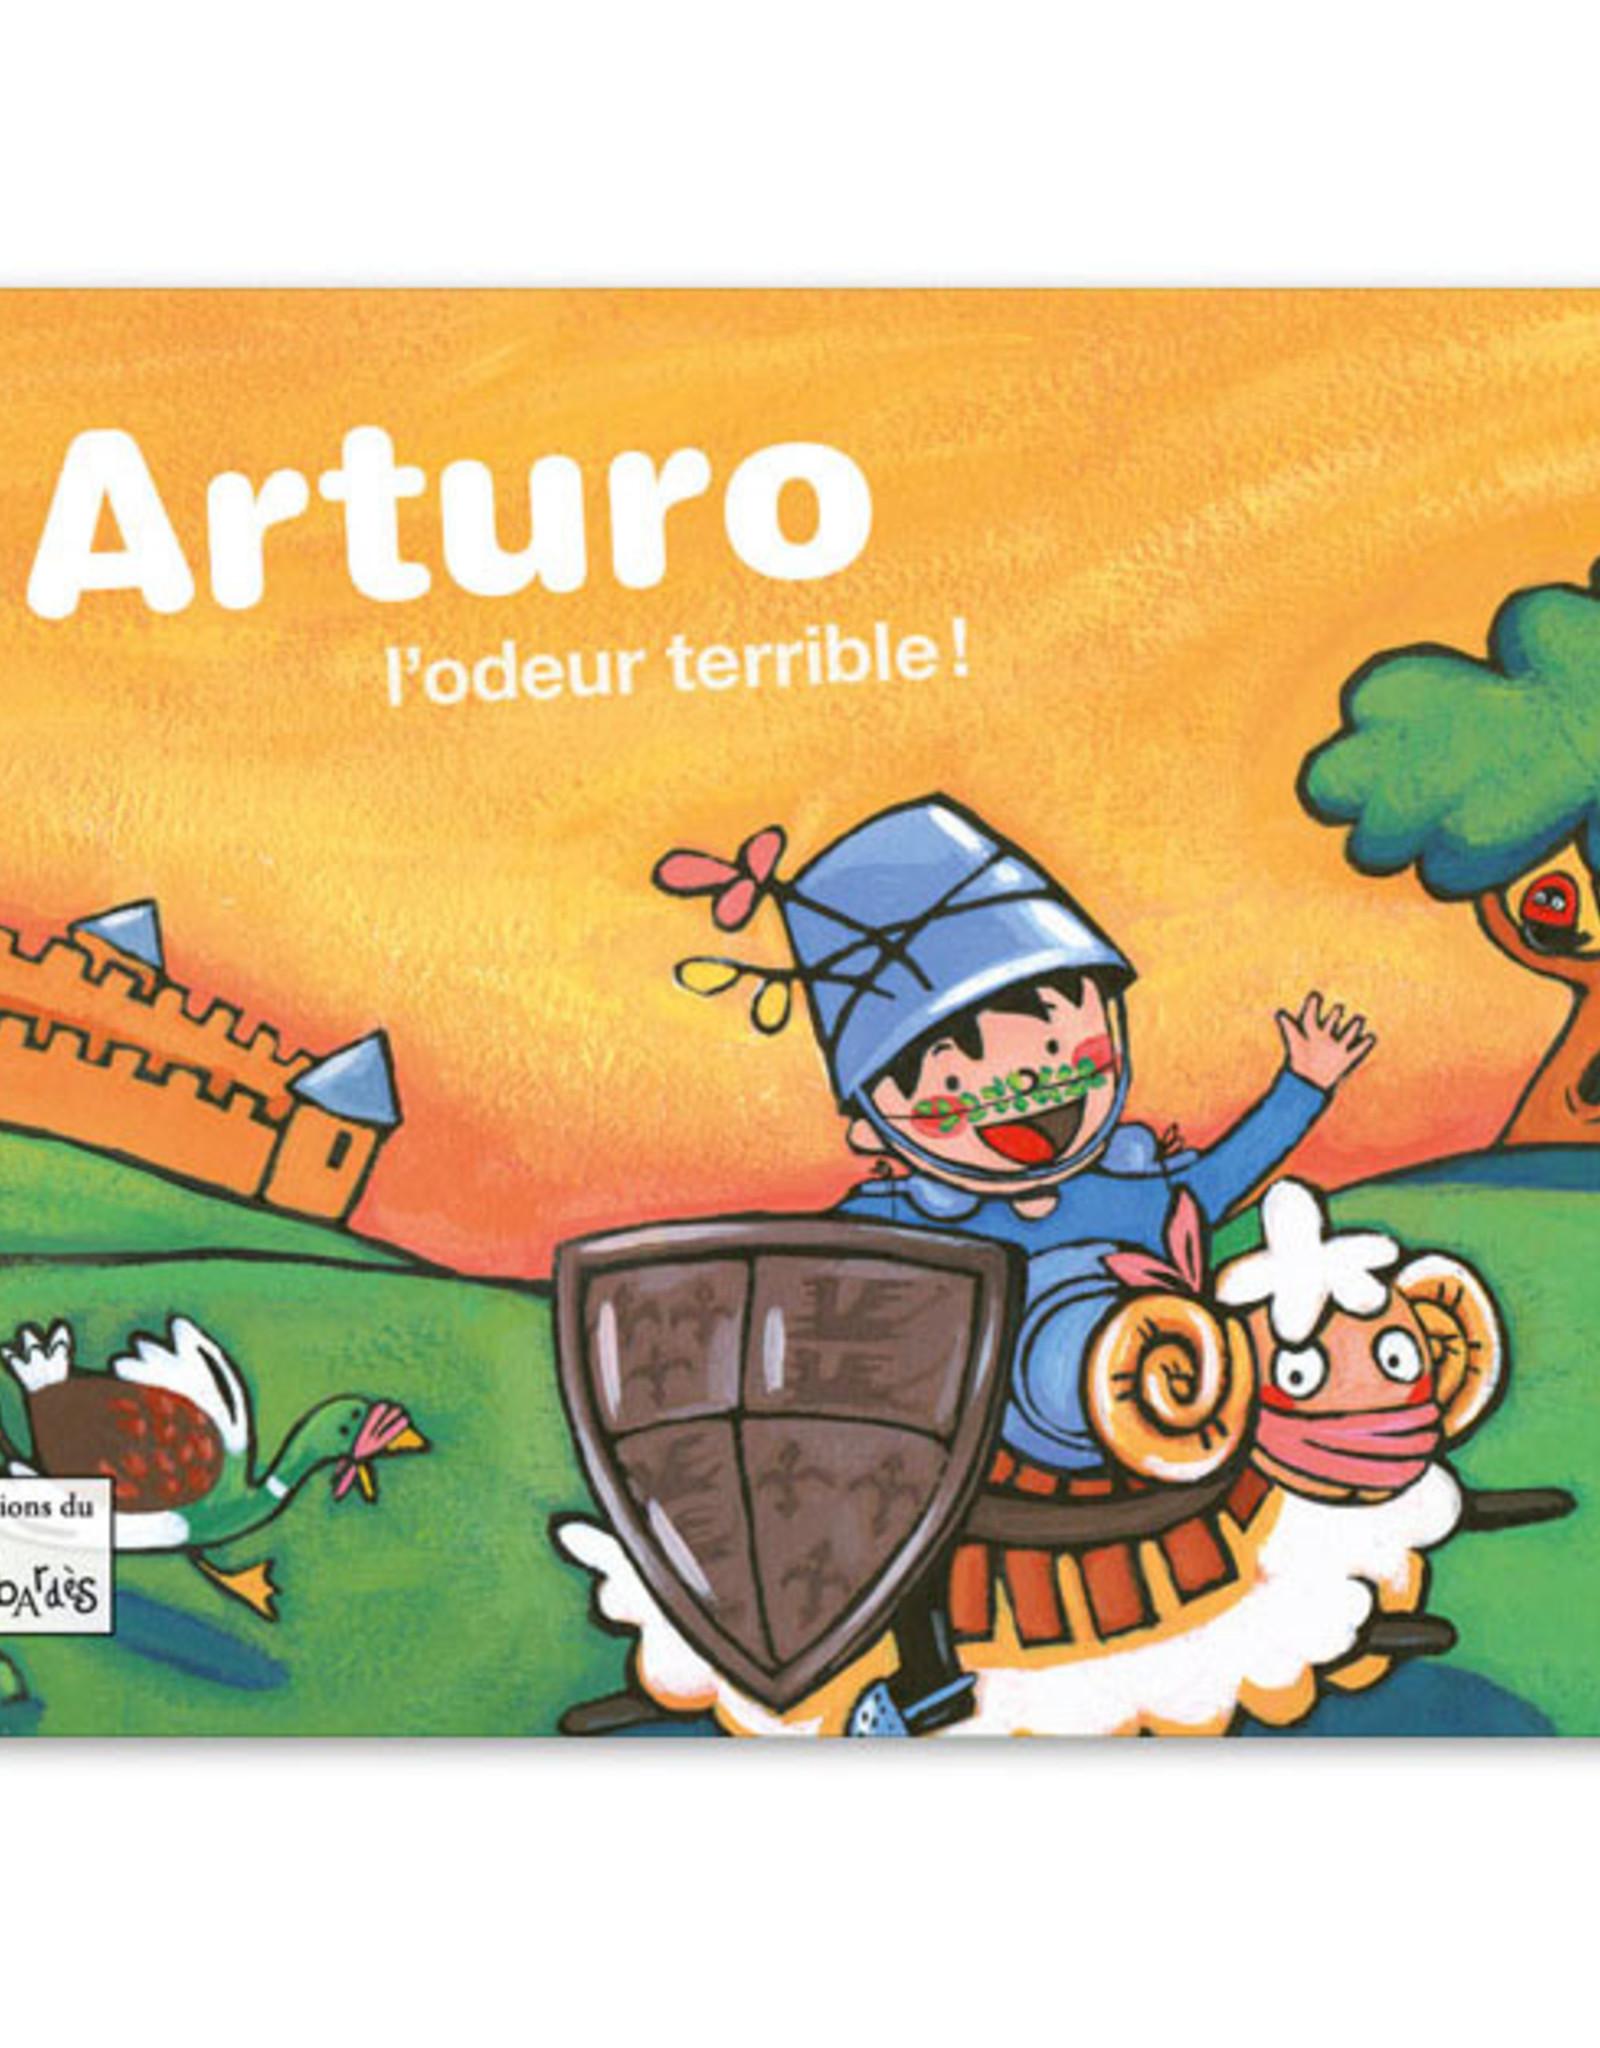 L-Arturo l'odeur terrible